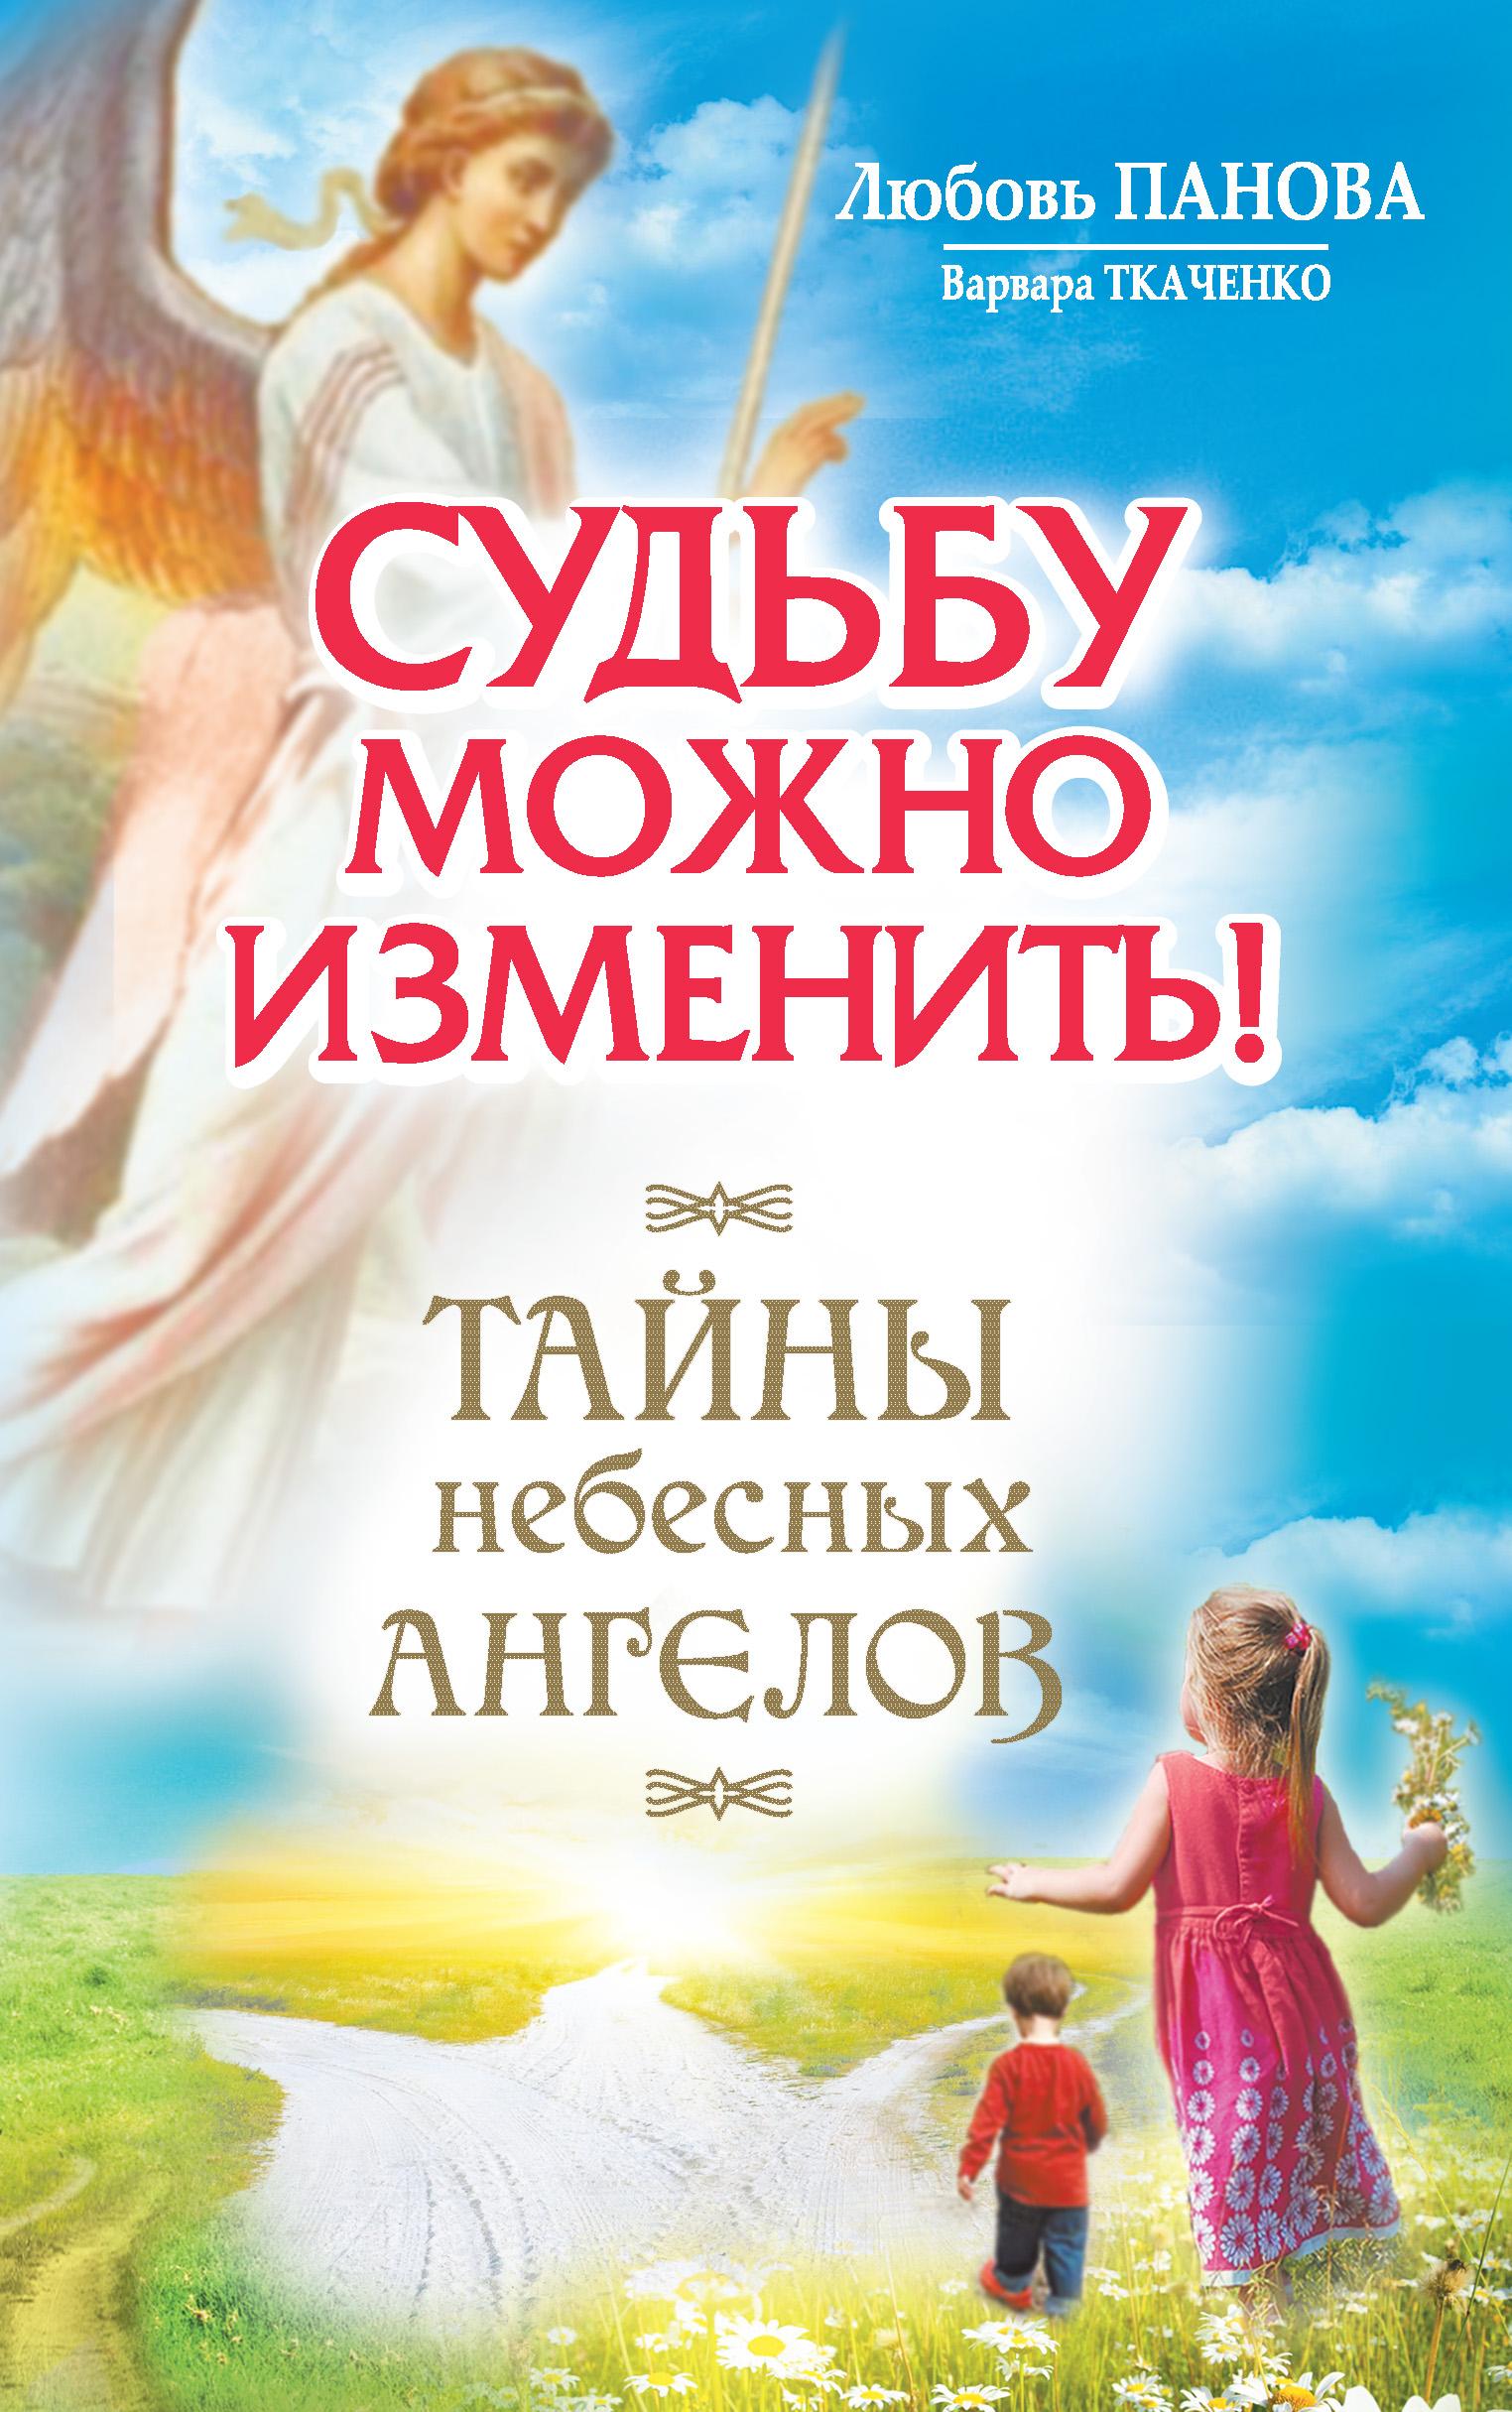 Любовь Панова Судьбу можно изменить! Тайны Небесных Ангелов любовь панова судьбу можно изменить тайны небесных ангелов